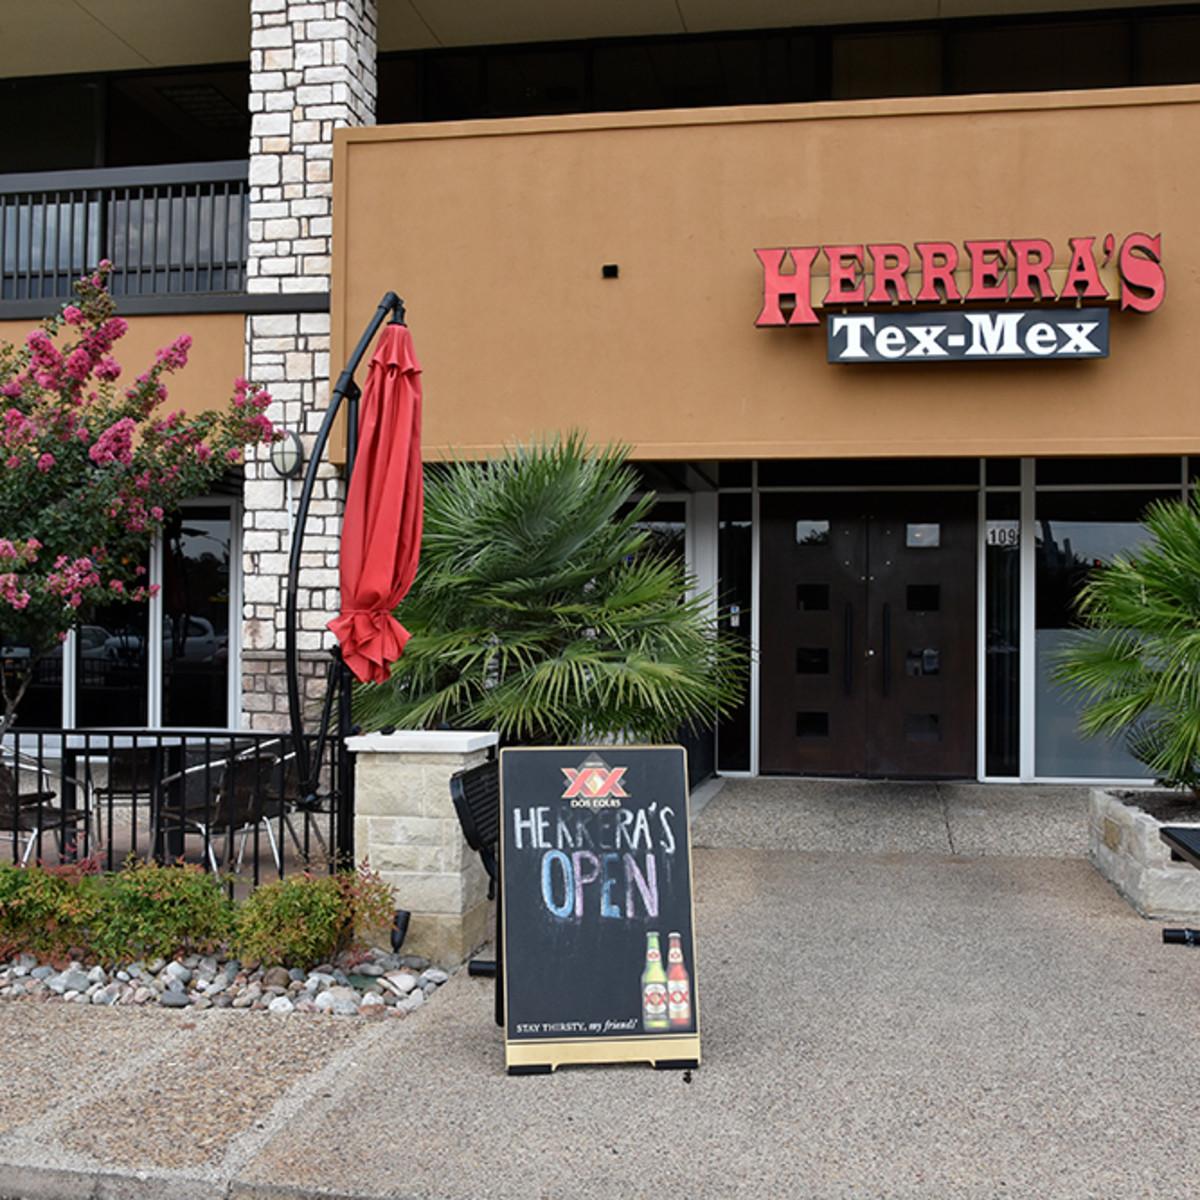 Herrera's Tex-Mex in Addison